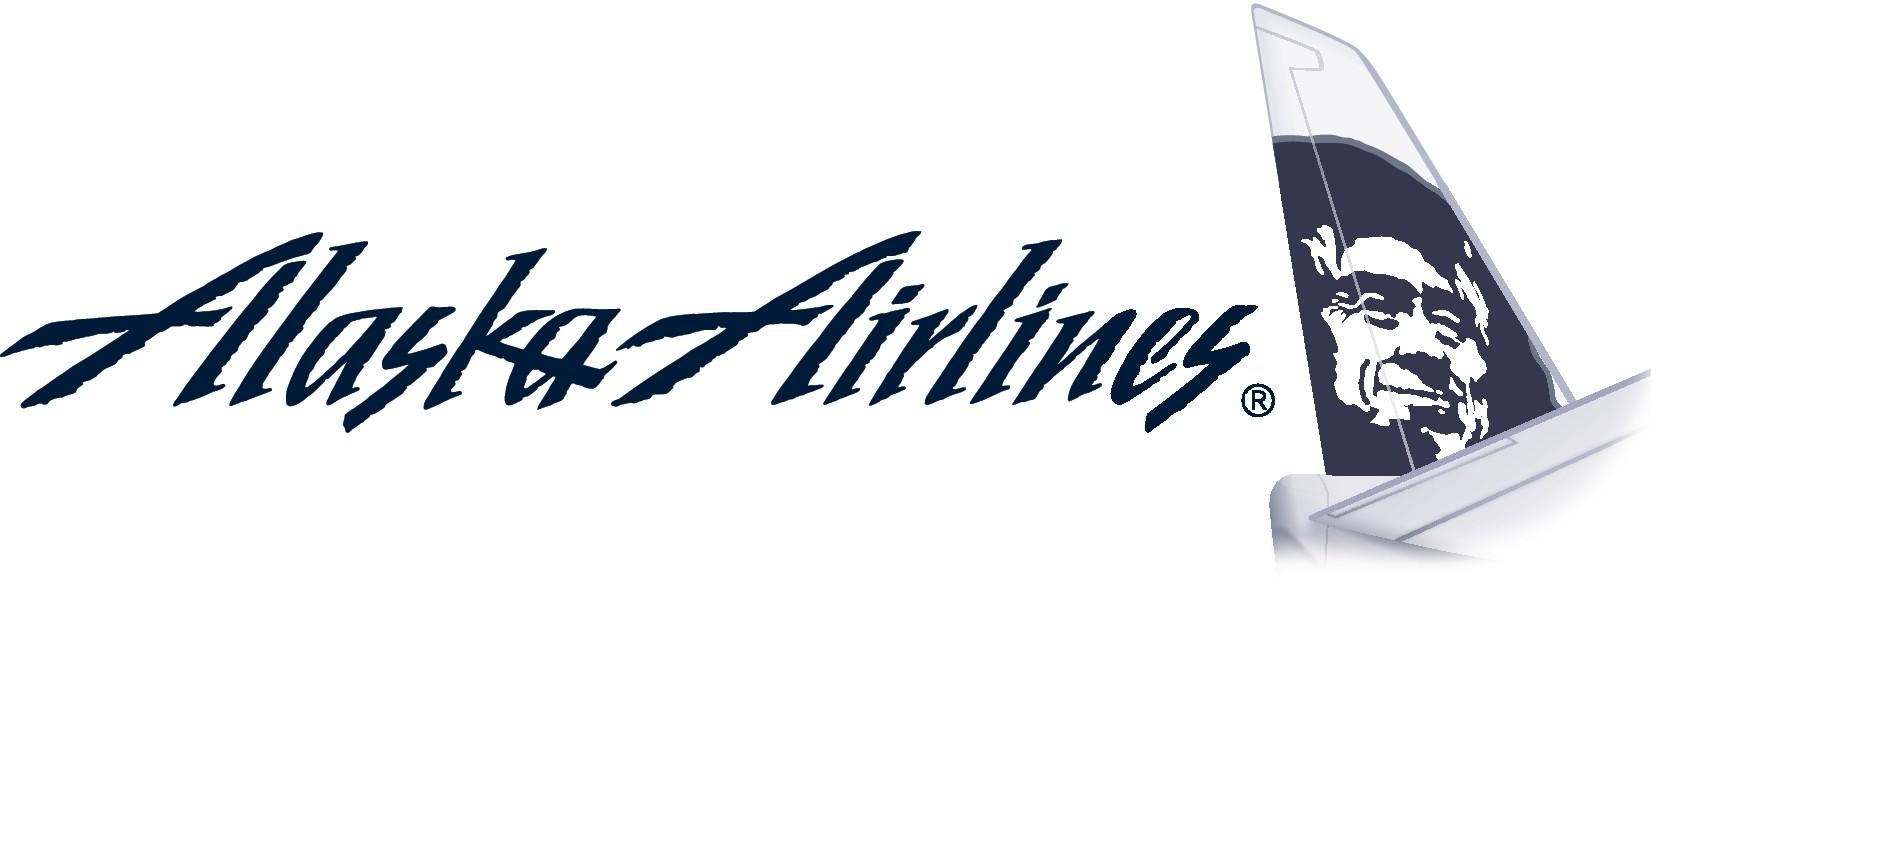 Alaska Airlines Logo PNG - 98101